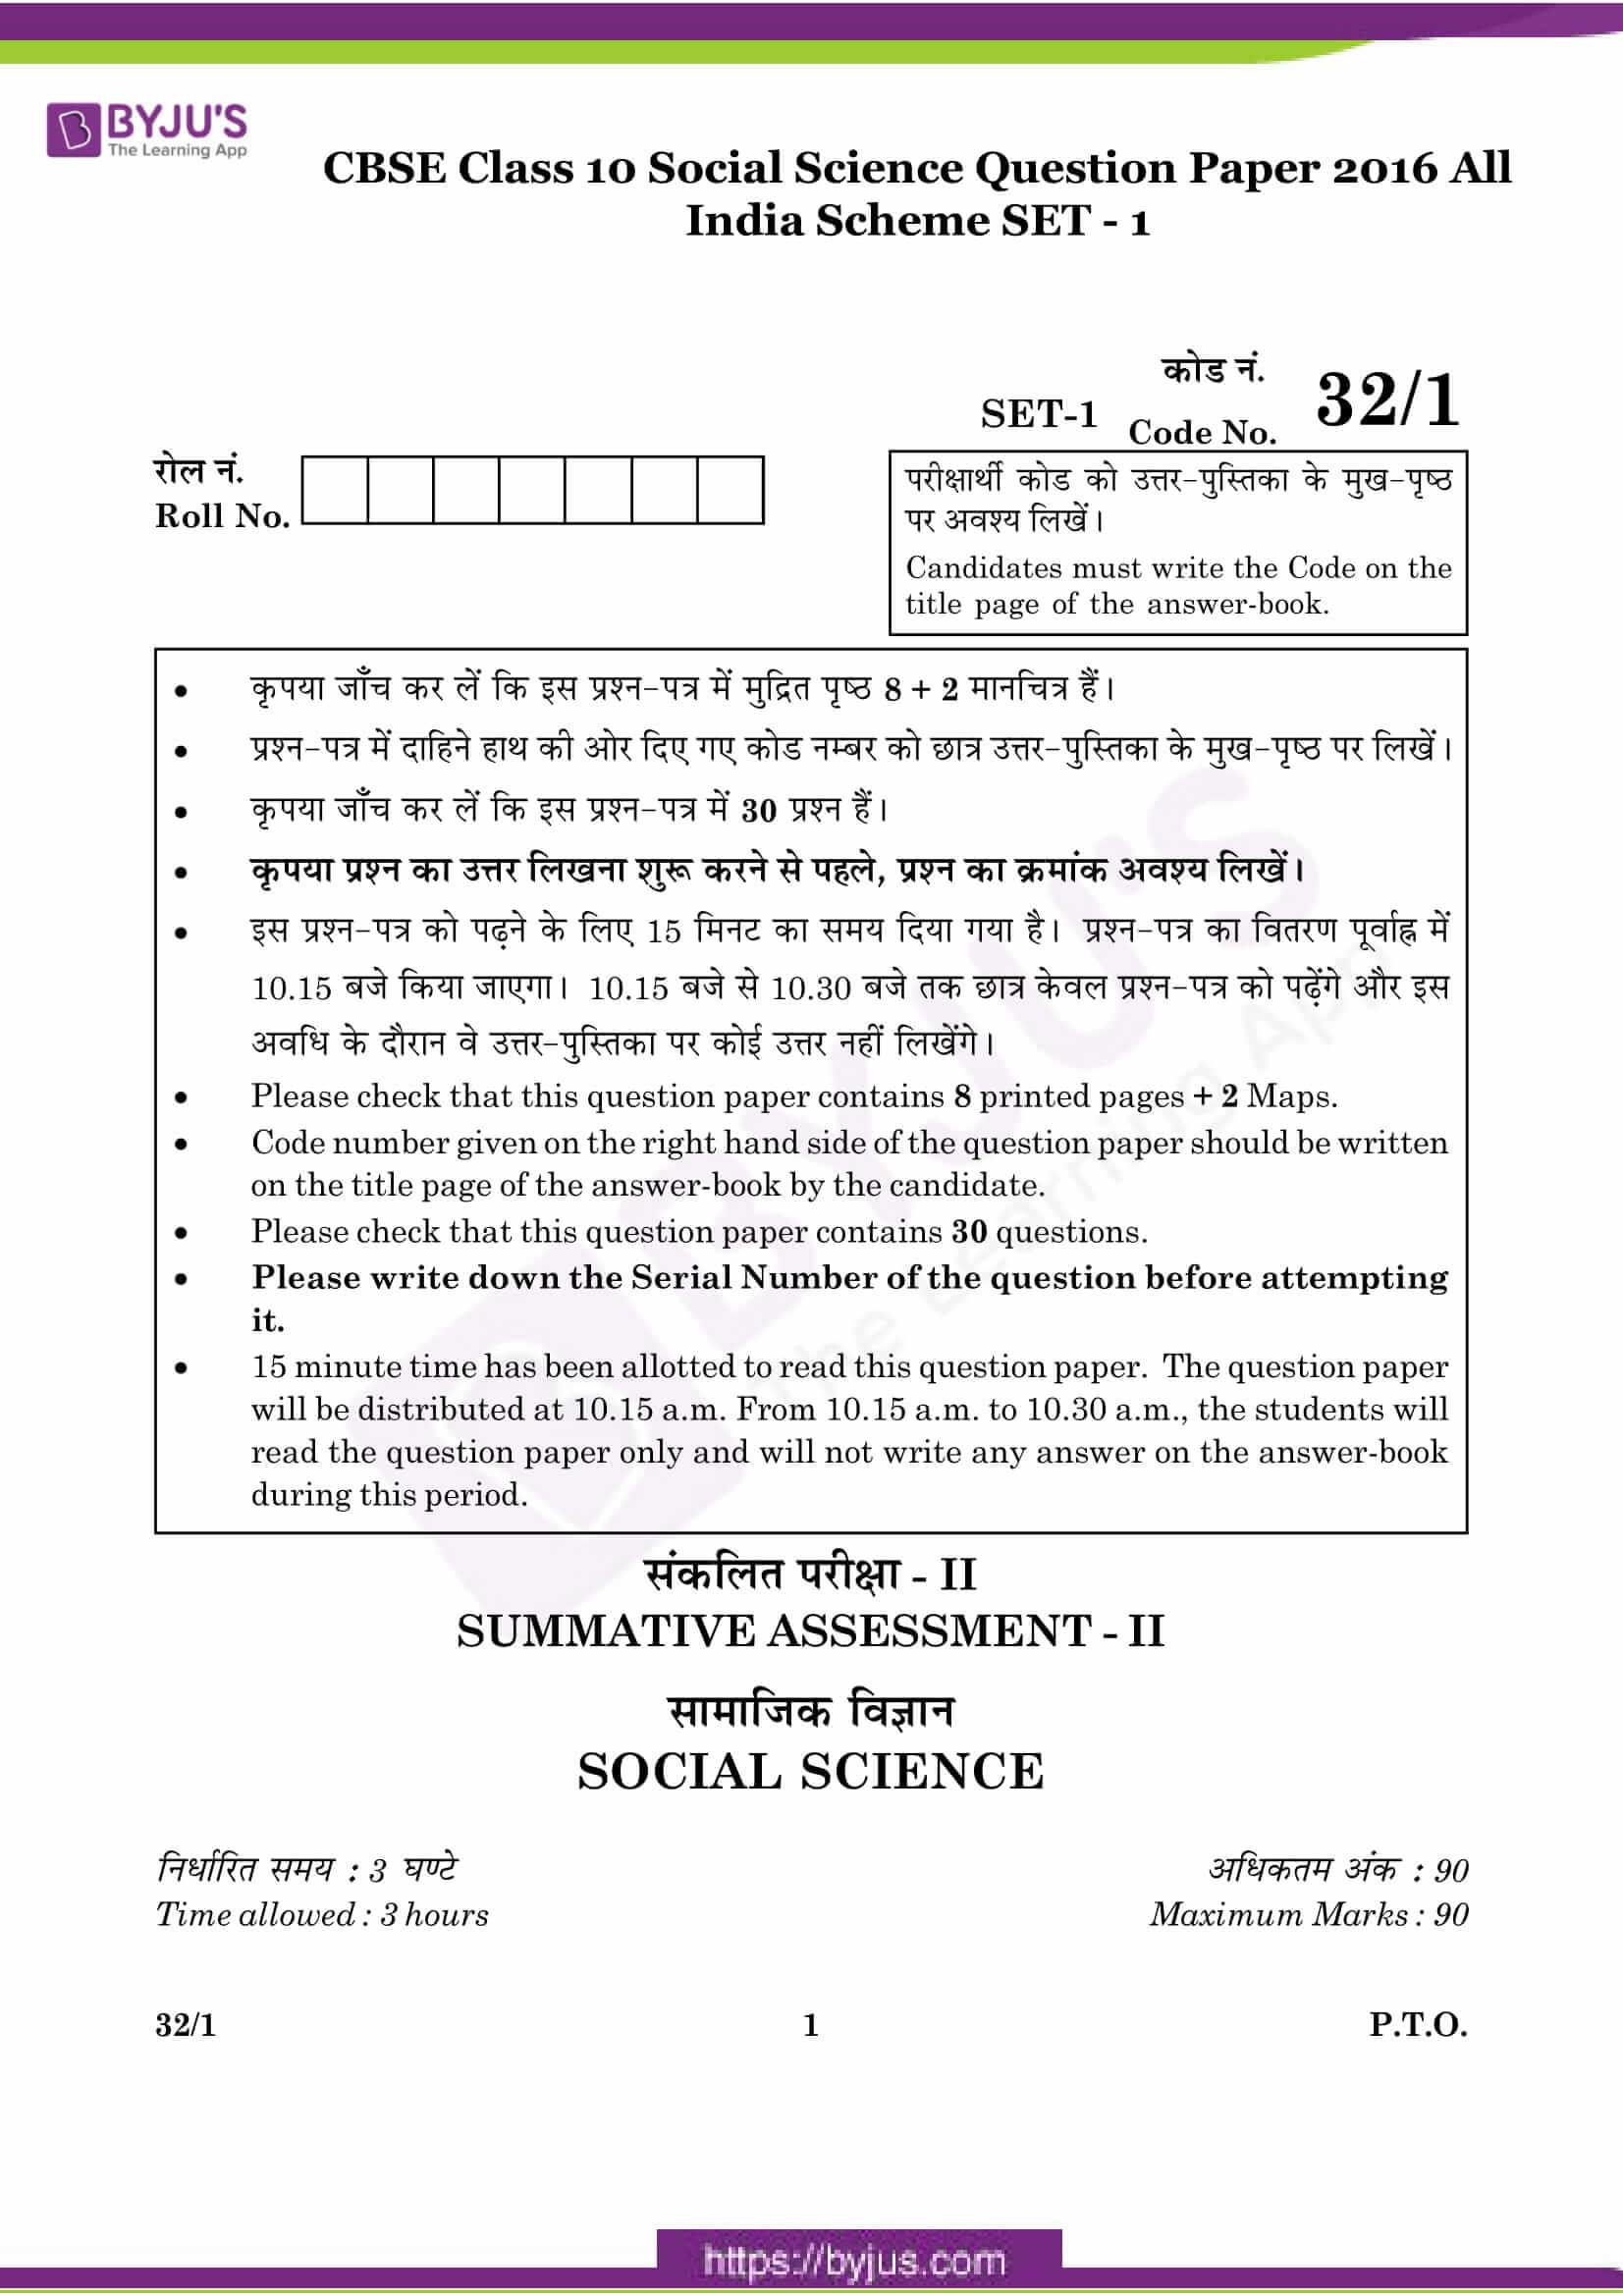 cbse class 10 ss qn paper 2016 set 1